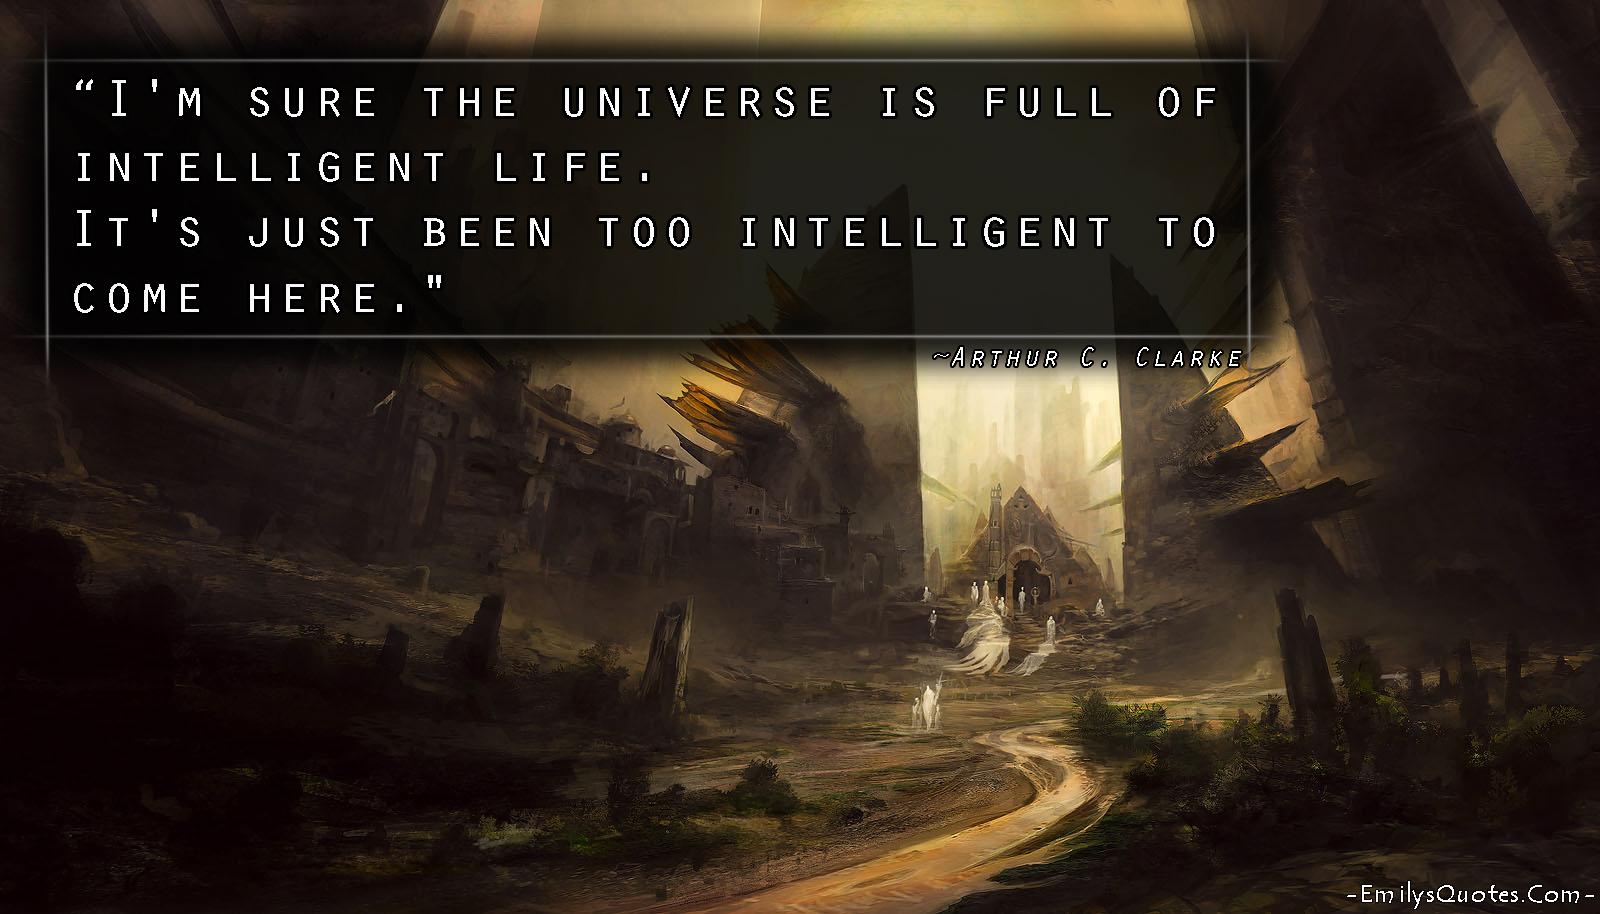 EmilysQuotes.Com - Arthur C. Clarke, universe, intelligence, life, faith, funny